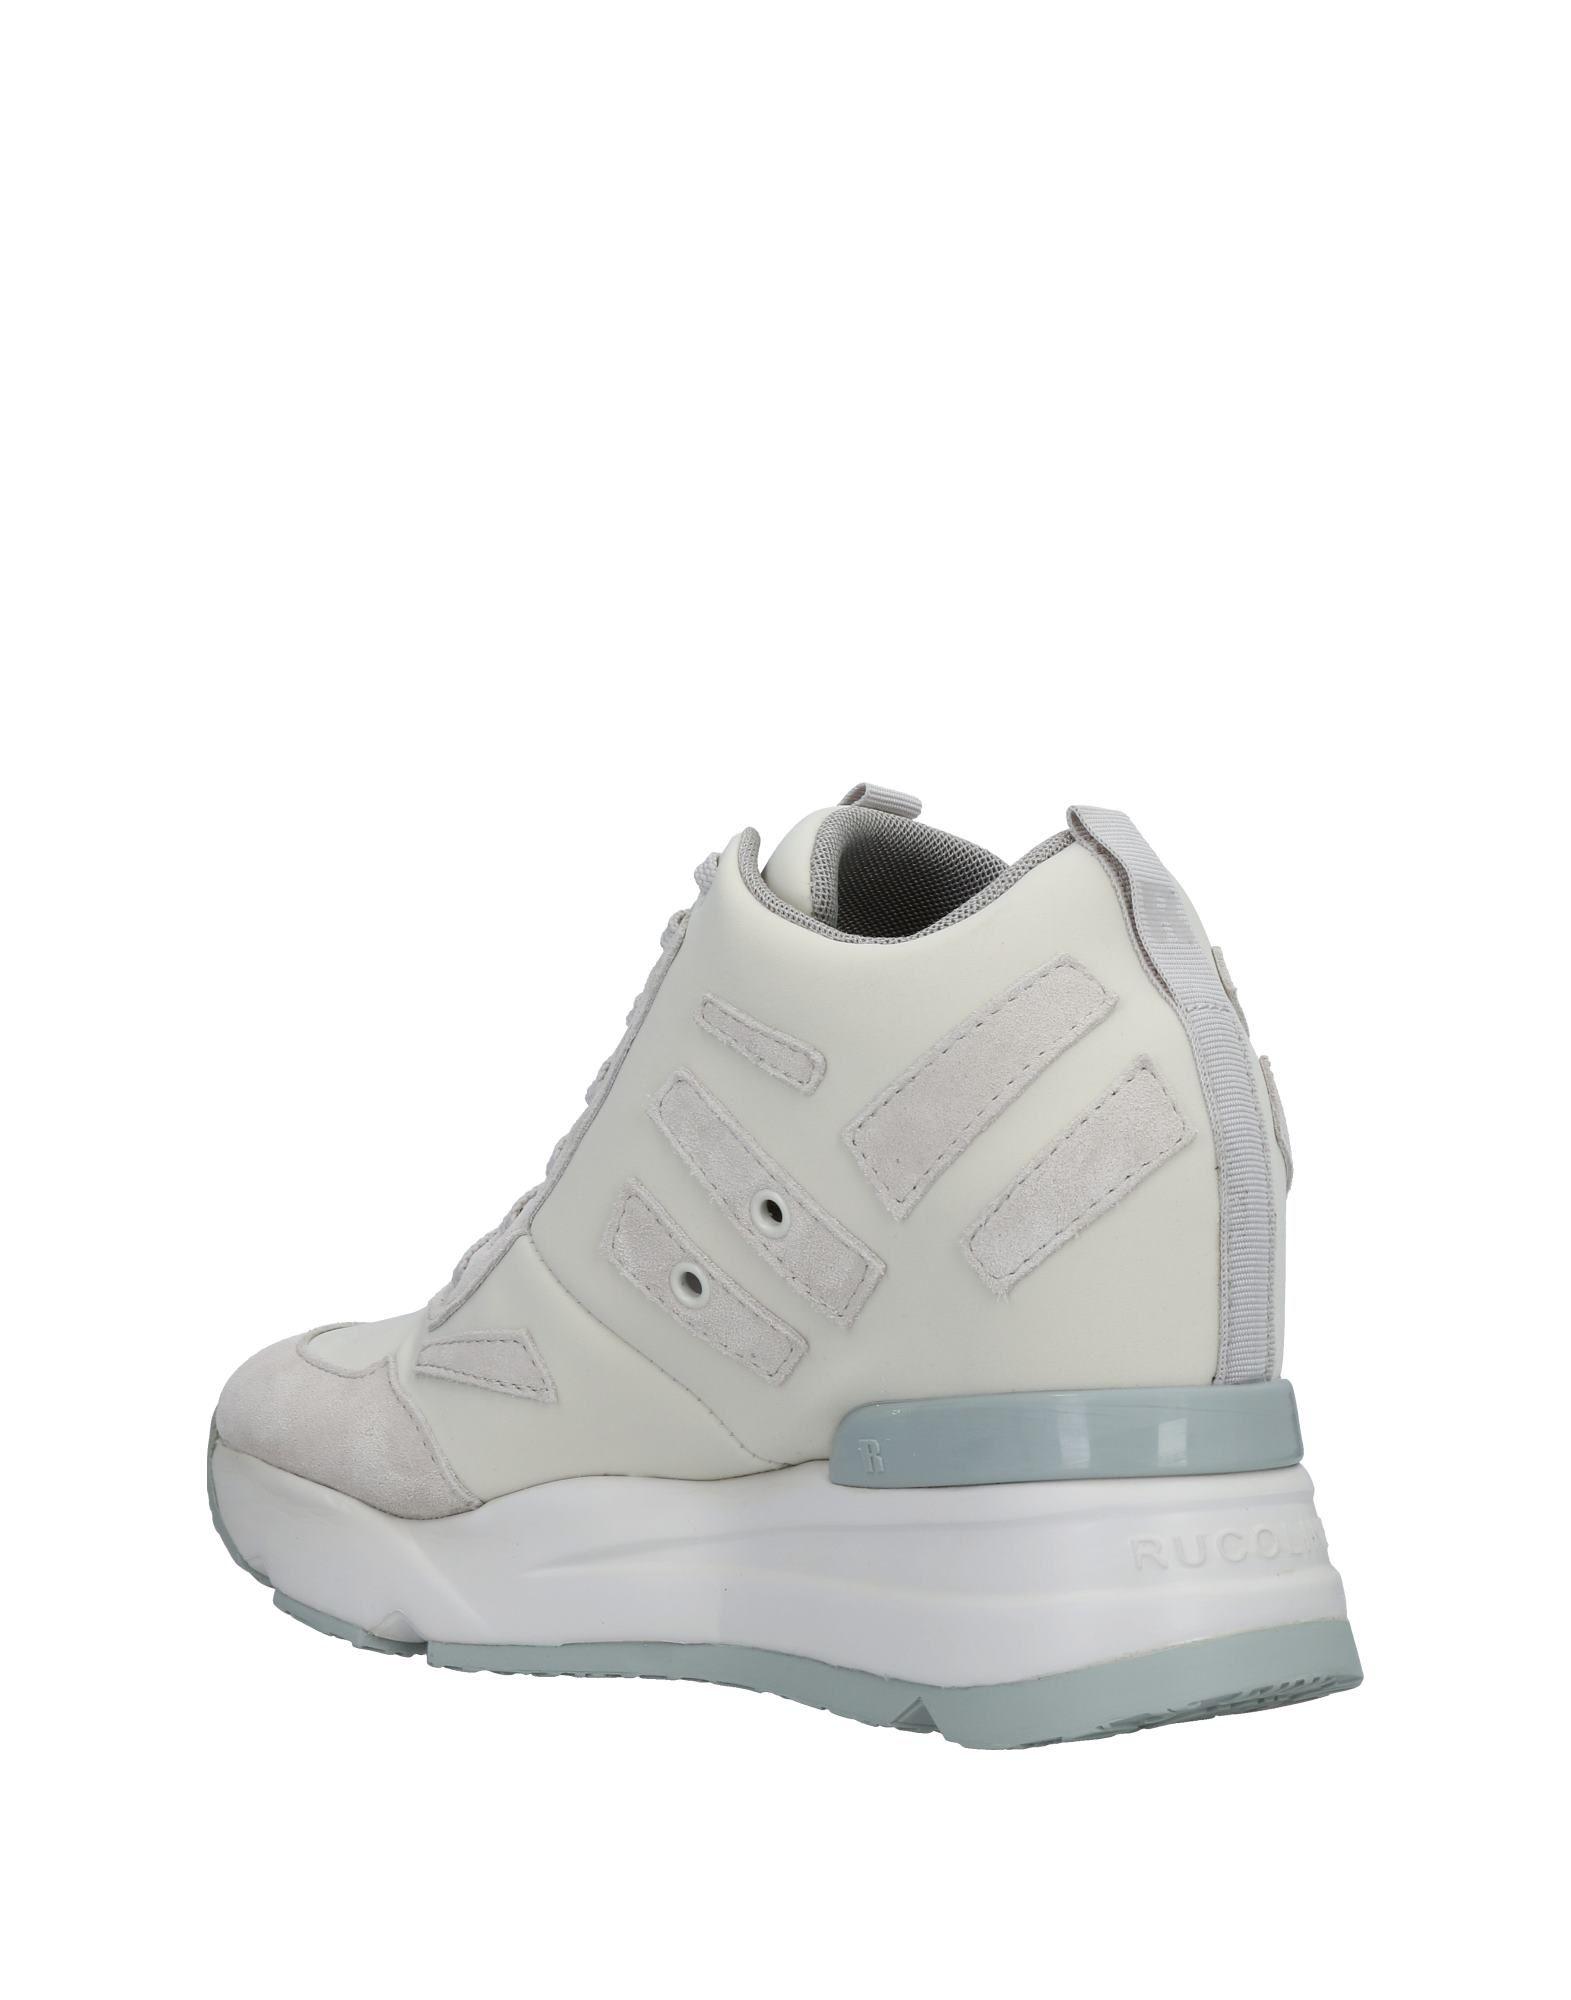 Ruco Line Sneakers Damen Gutes Gutes Gutes Preis-Leistungs-Verhältnis, es lohnt sich fedb48